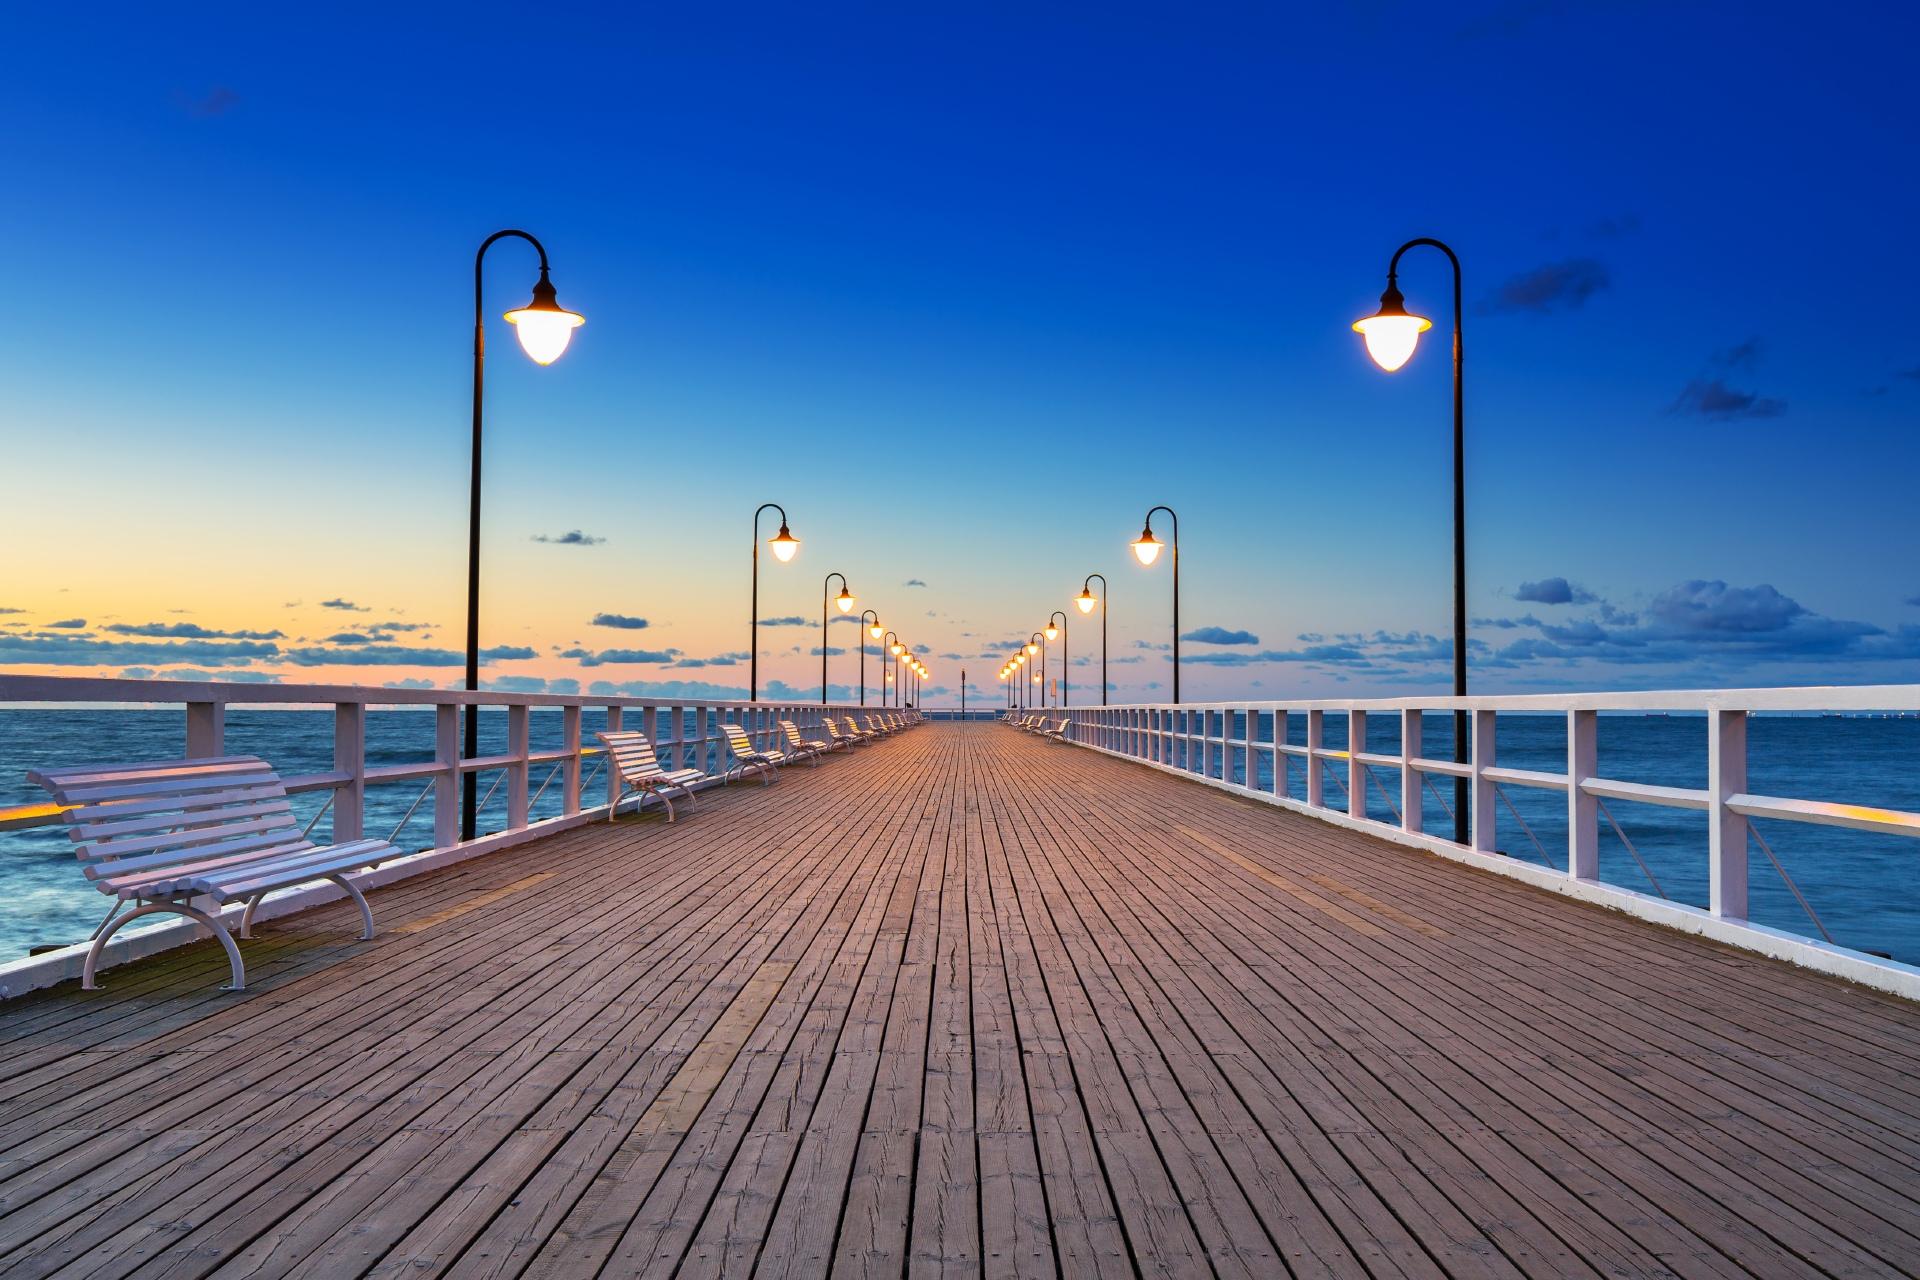 早朝の桟橋と海の風景 ポーランドの風景